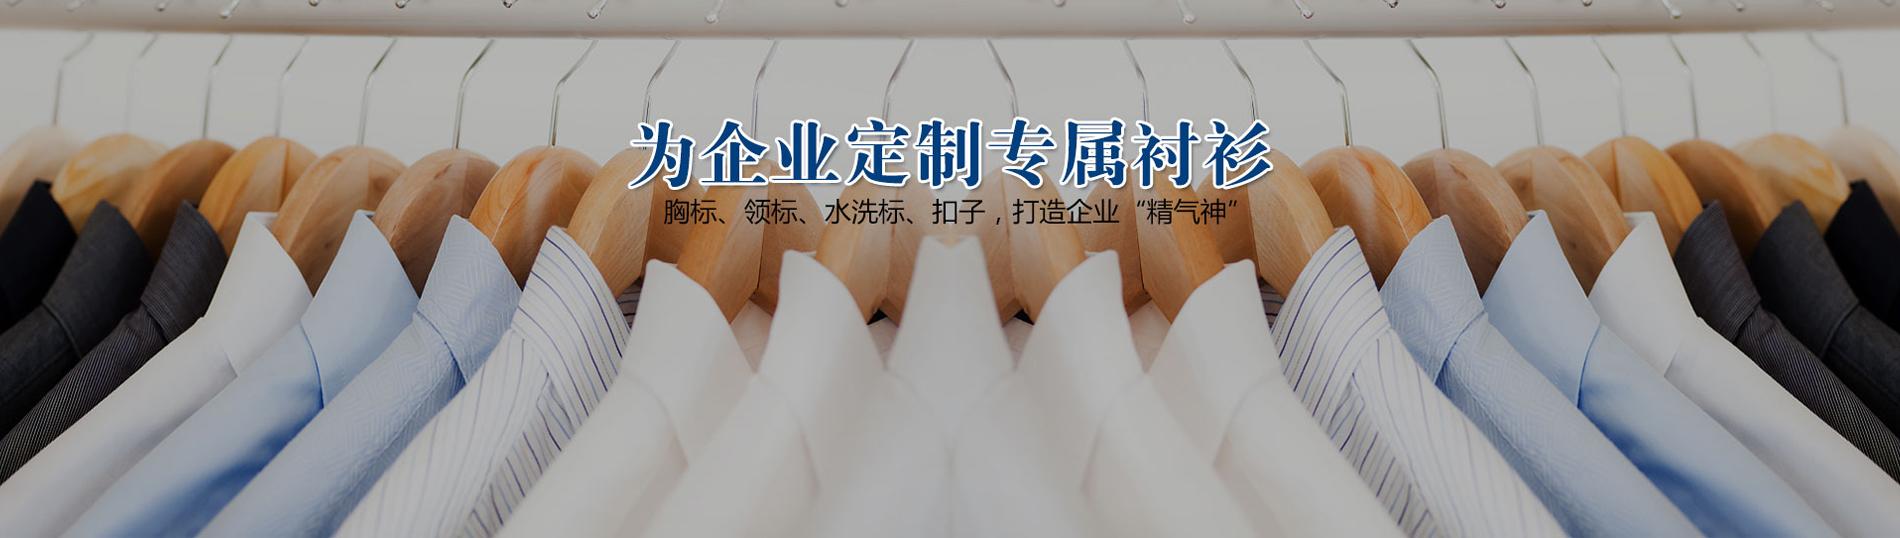 重庆工作服定做,重庆职业装定制